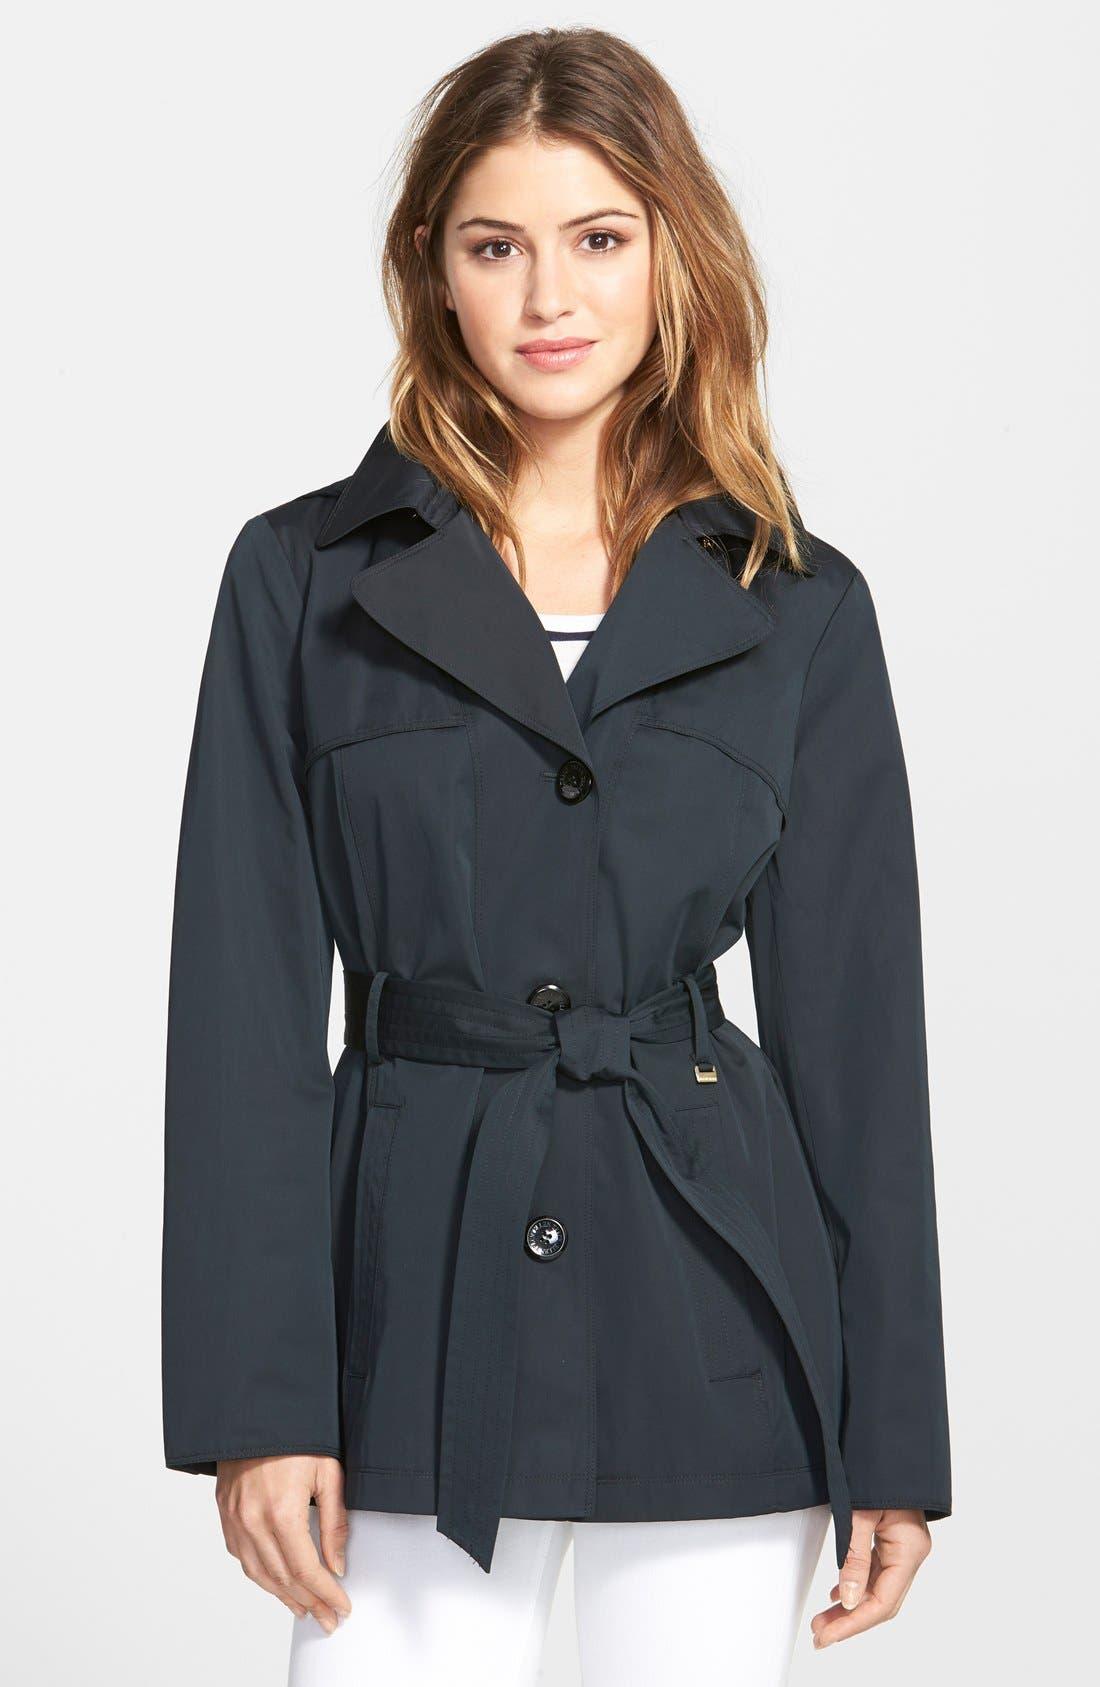 Cotton Blend Short Trench Coat,                             Main thumbnail 1, color,                             001